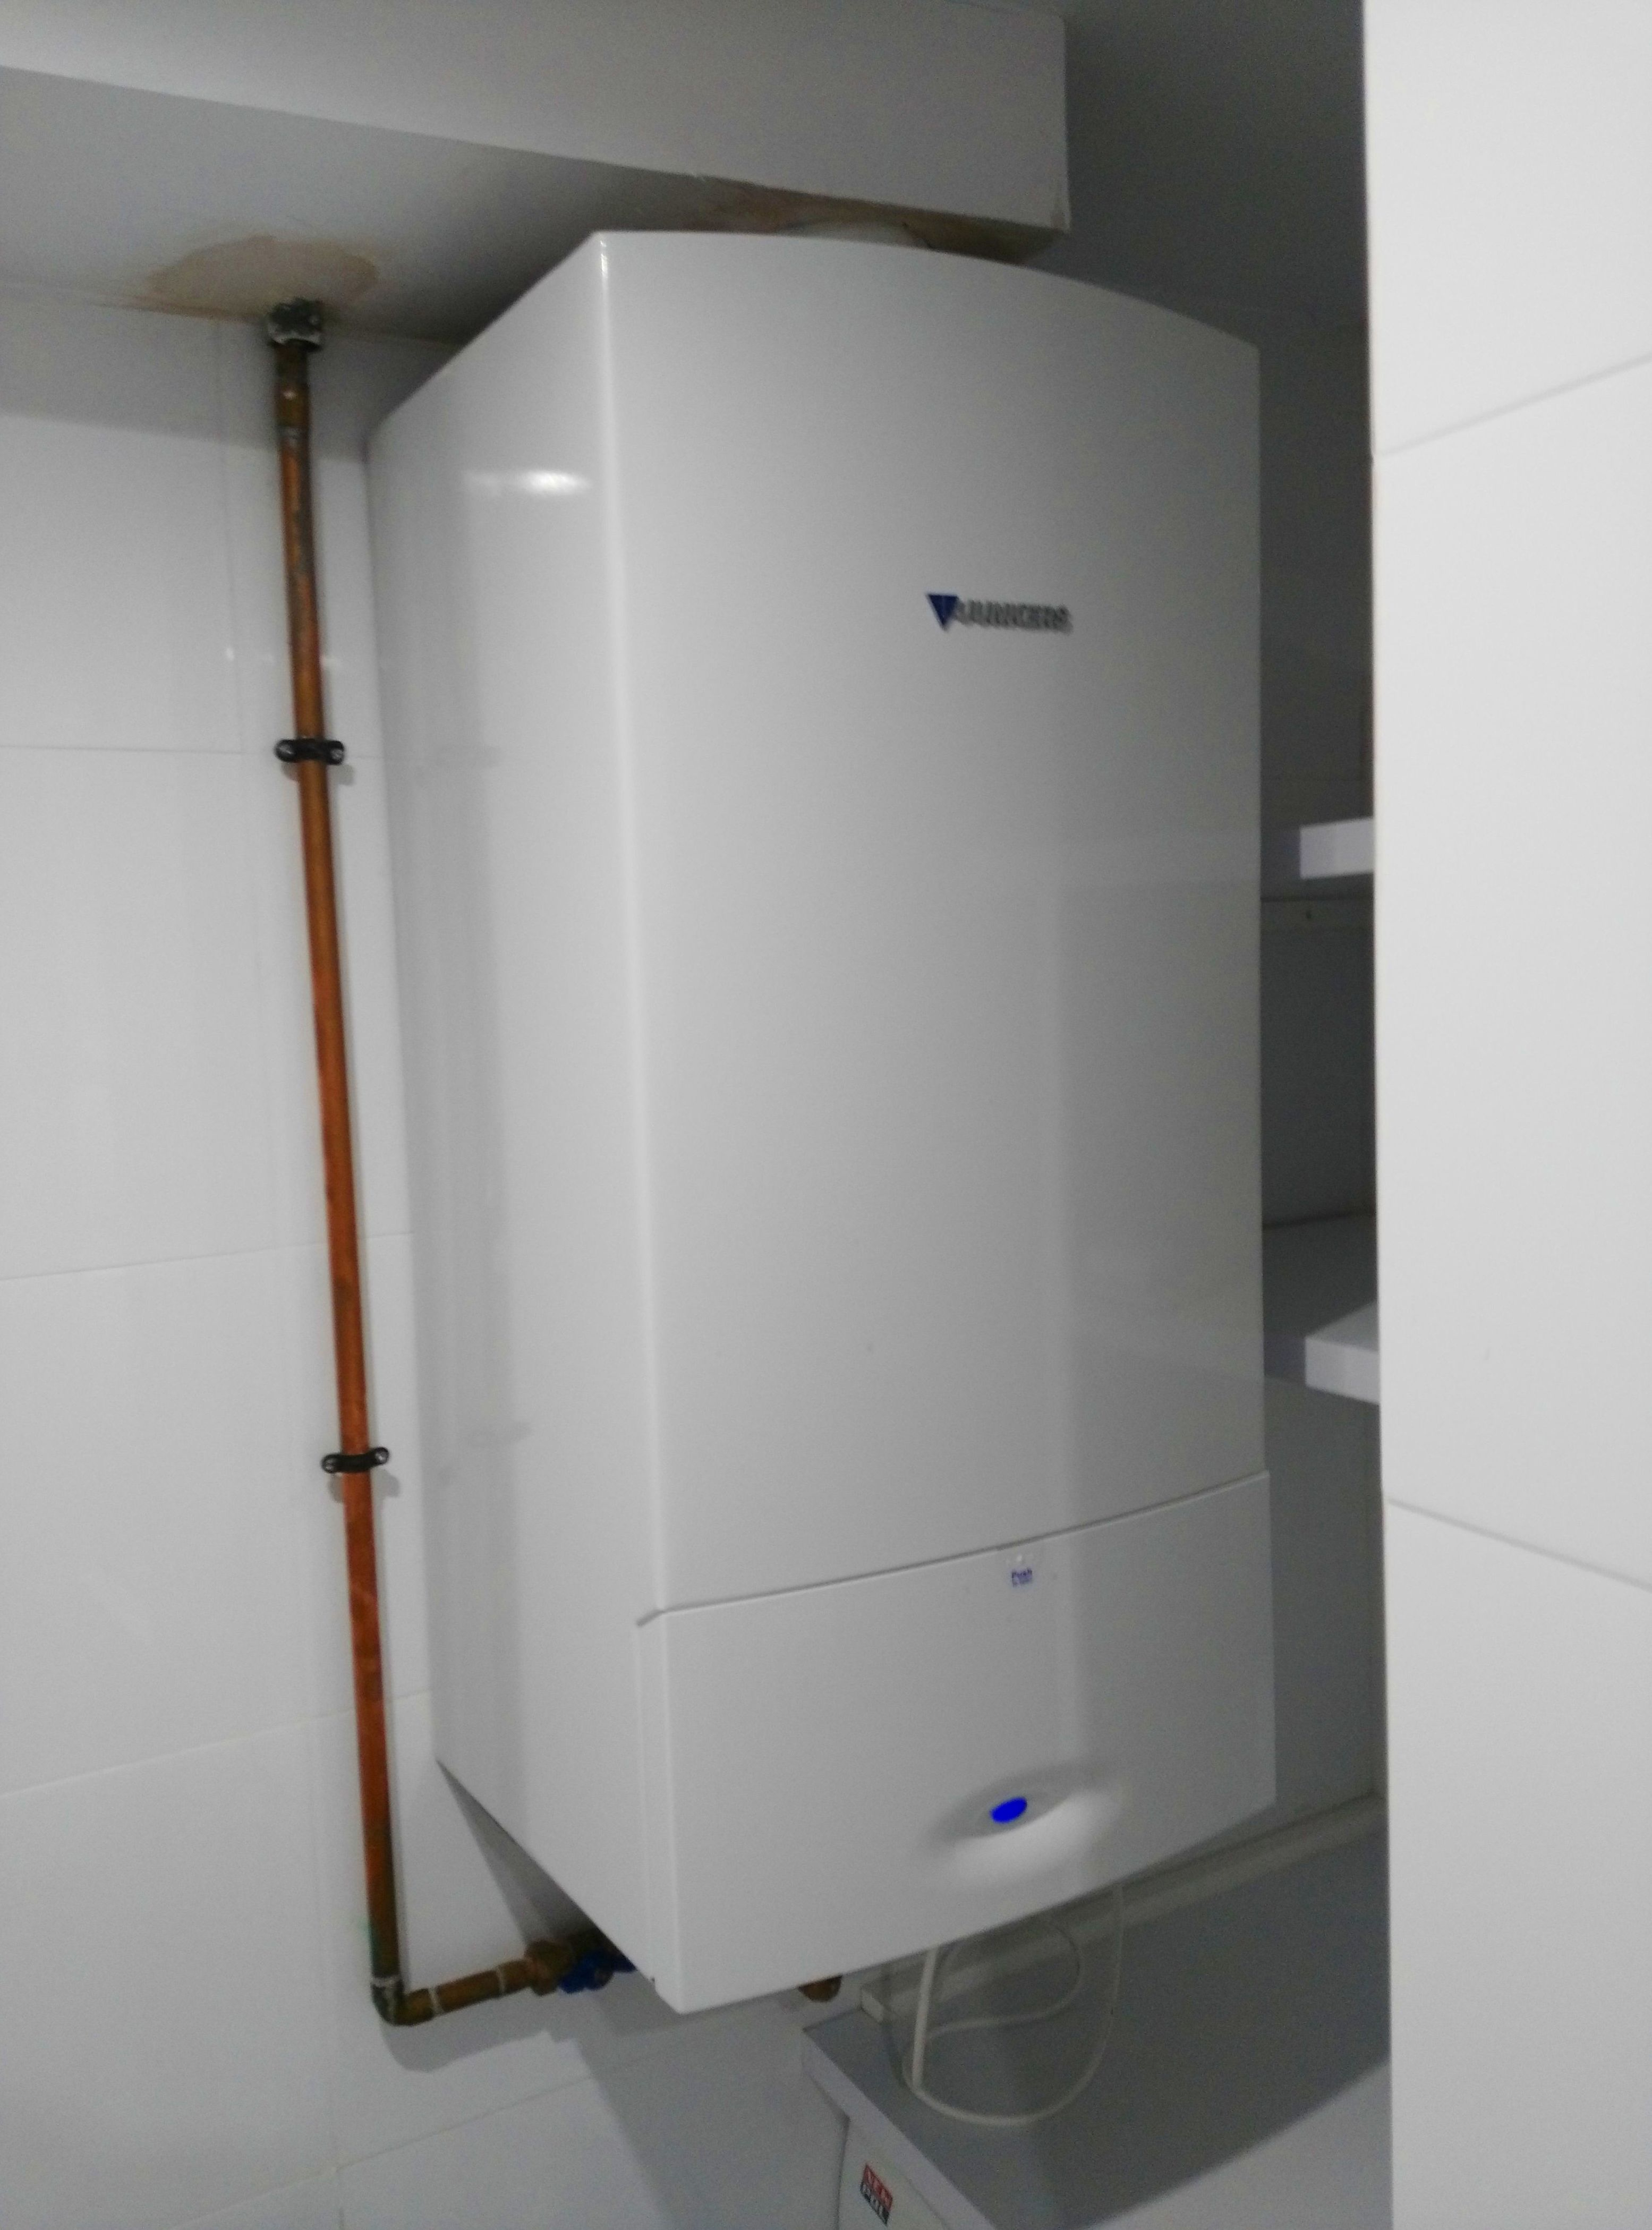 Calentadores y termos electricos productos de fontaneria - Termos electricos precios ...